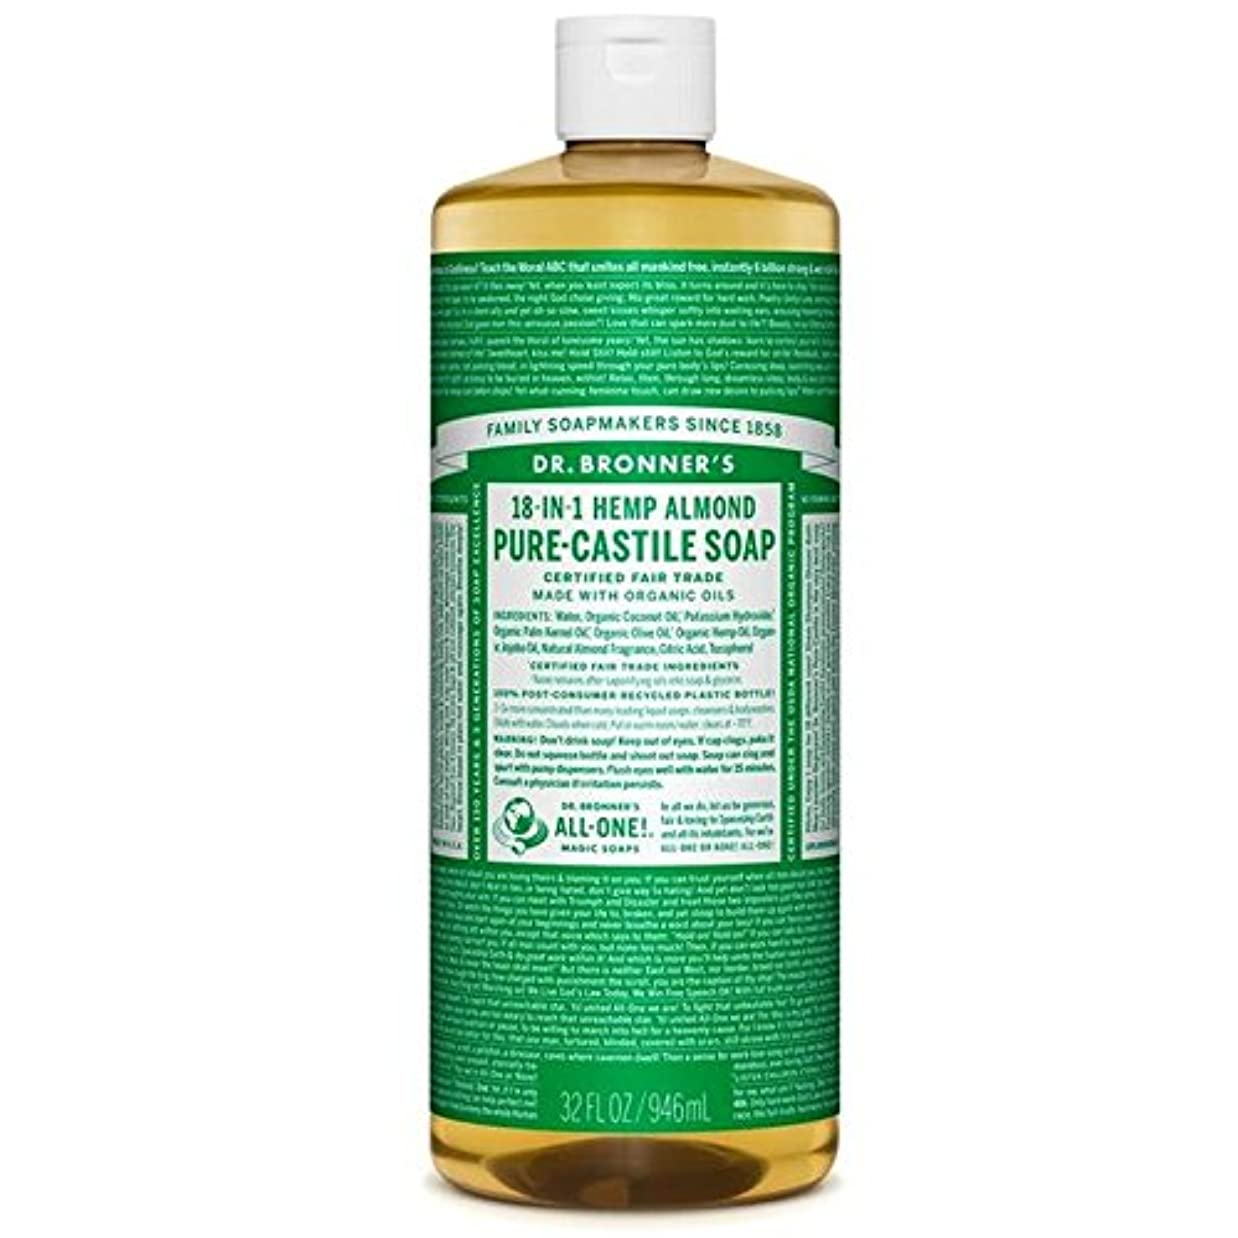 のブロナー有機アーモンドカスティーリャ液体石鹸946ミリリットル x2 - Dr Bronner Organic Almond Castile Liquid Soap 946ml (Pack of 2) [並行輸入品]